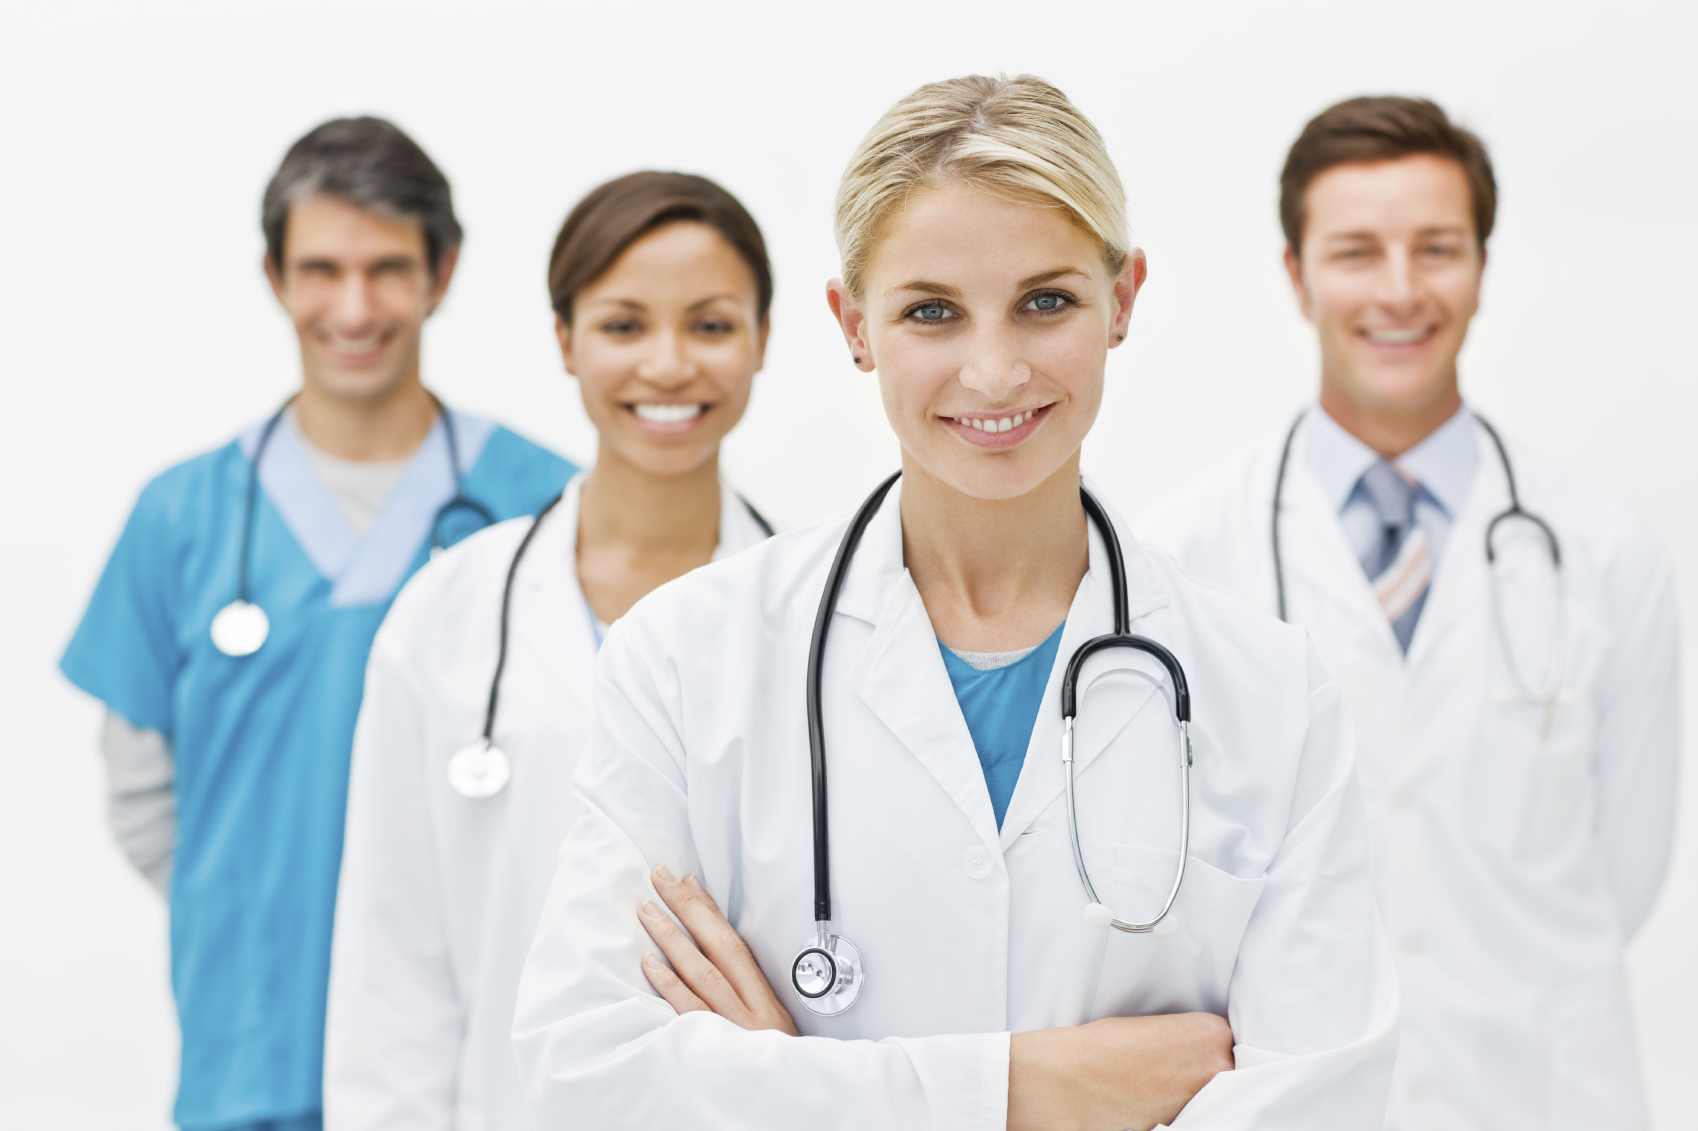 doctorspix1